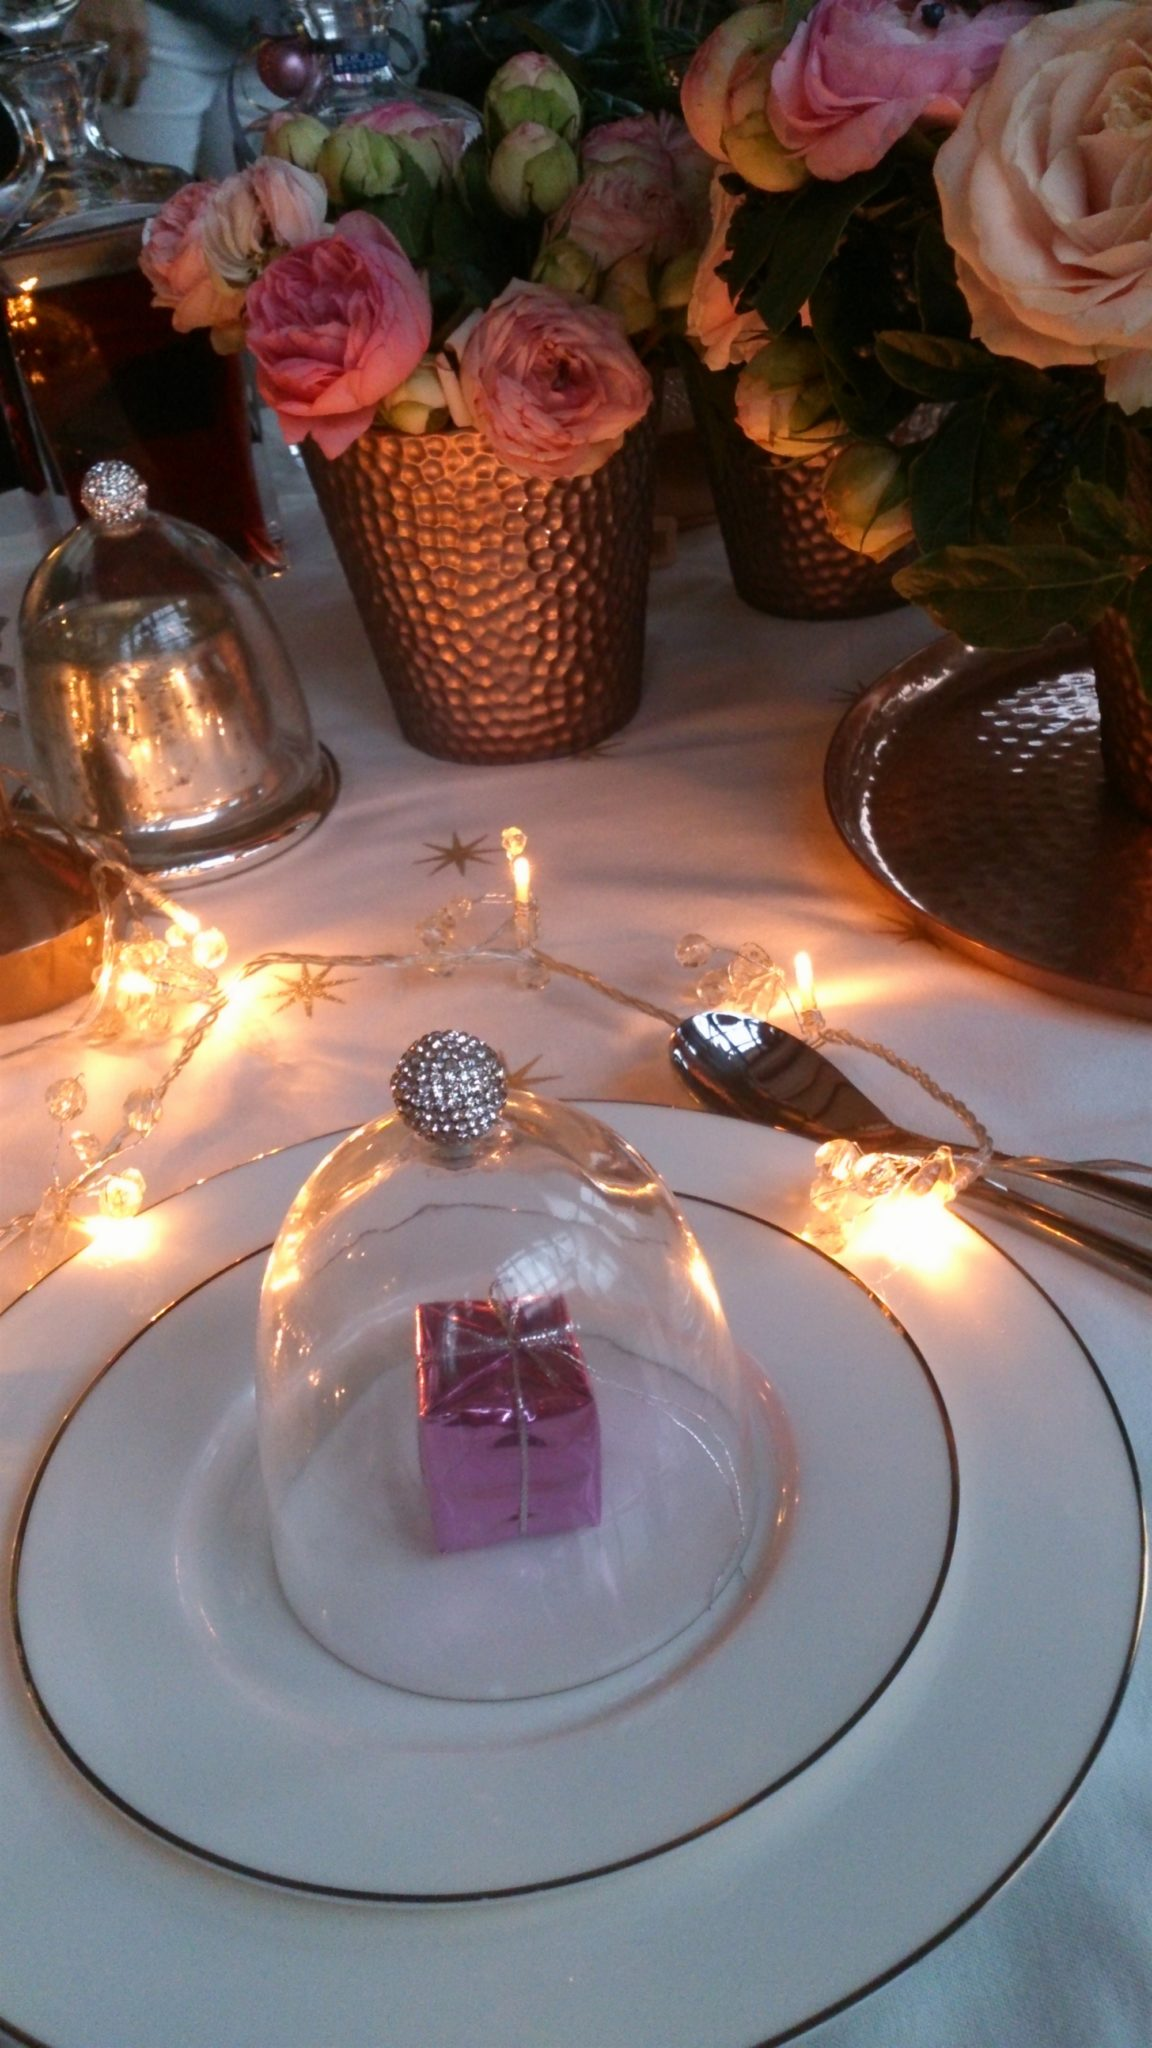 19 Staffagepl wigilijny stol pomysly na jadalnie swiateczne aranzacje chrstmas table settings ideas interior design winter flowers tableware